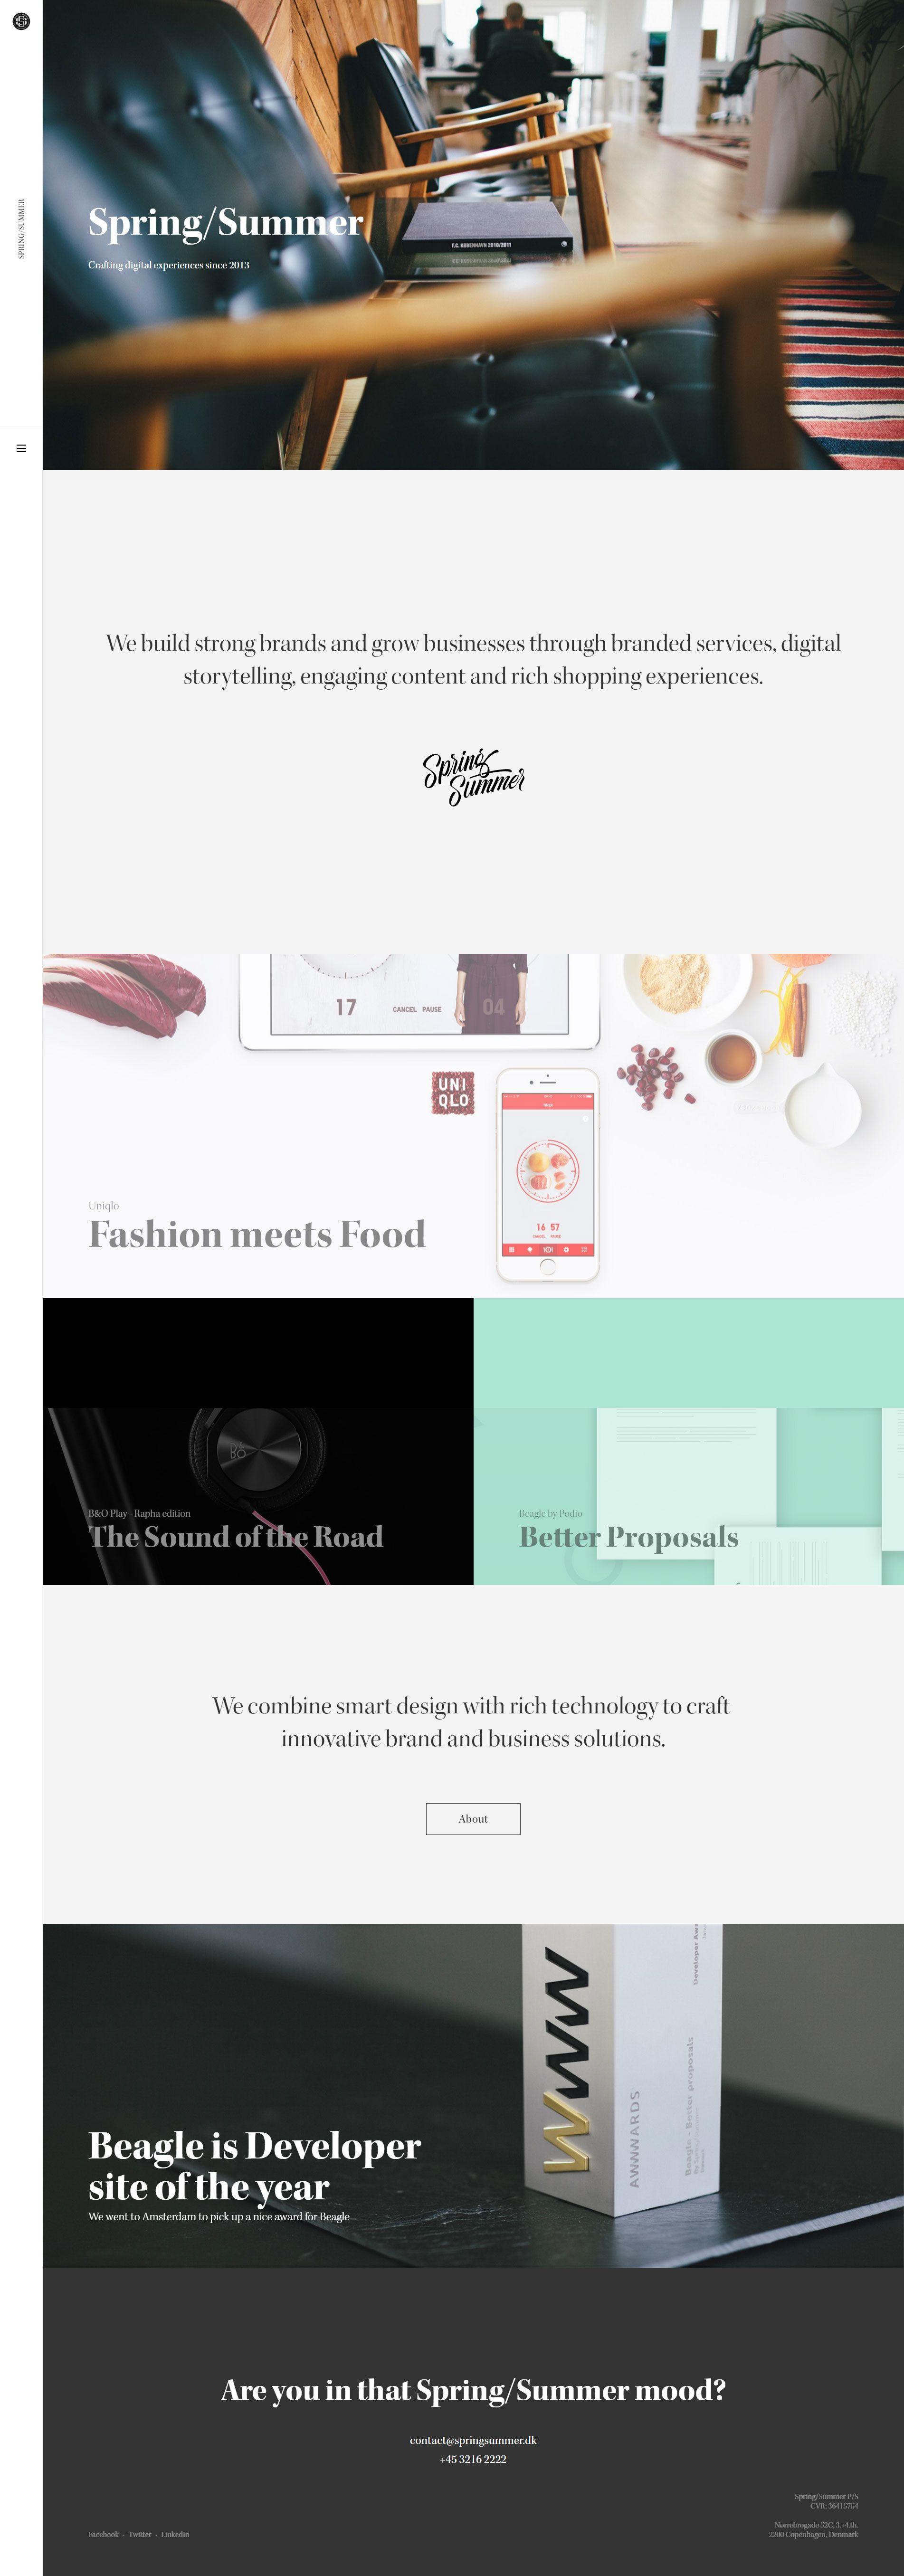 Spring Summer Design Agency Website Http Springsummer Dk Agency Website Design Web Design Awards Proposal Design